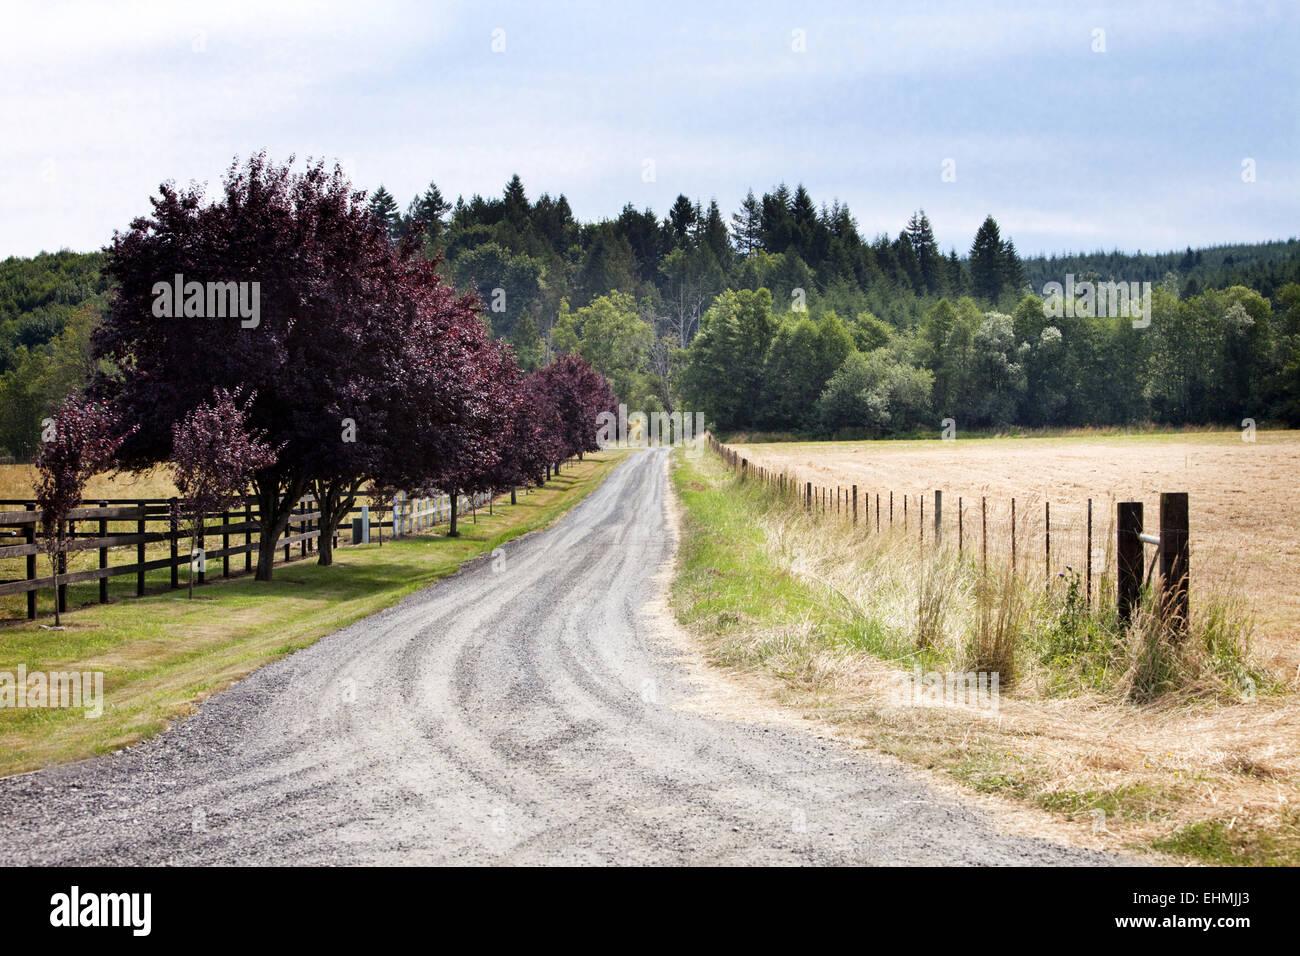 Strada sterrata tra i campi di erba nel paesaggio rurale Immagini Stock